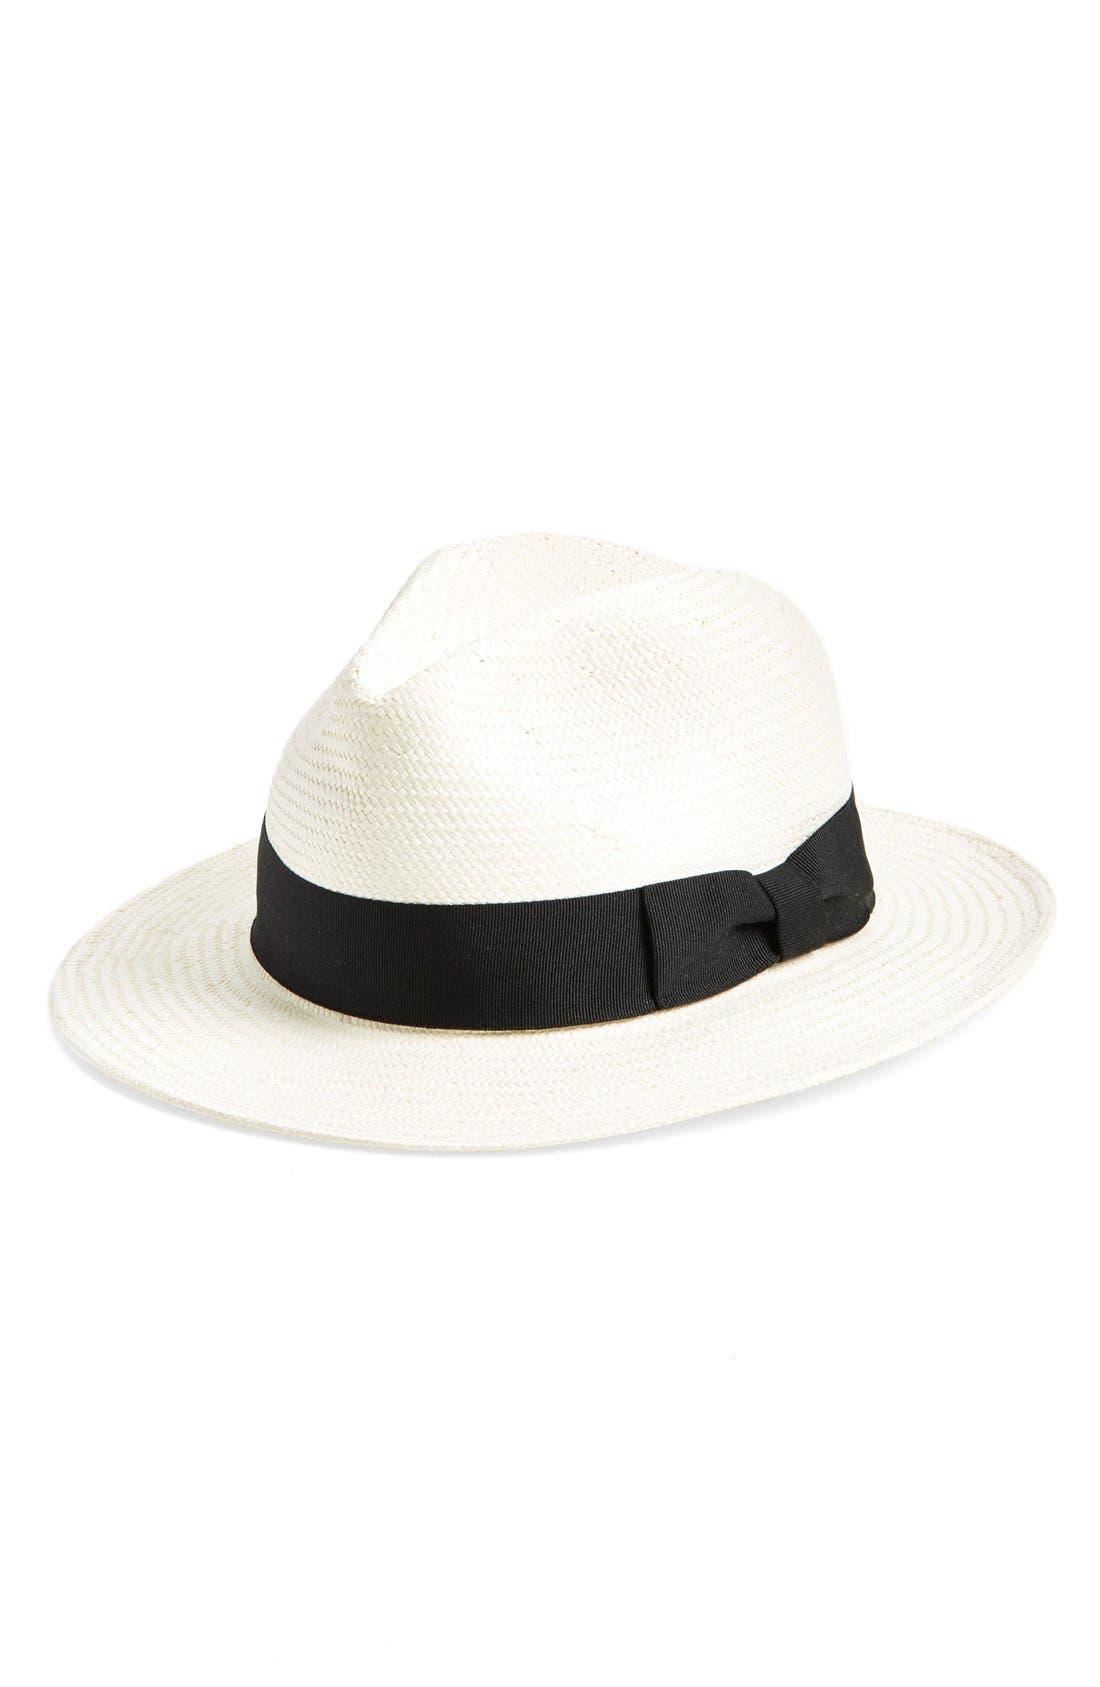 Panama Hat,                             Main thumbnail 1, color,                             Natural